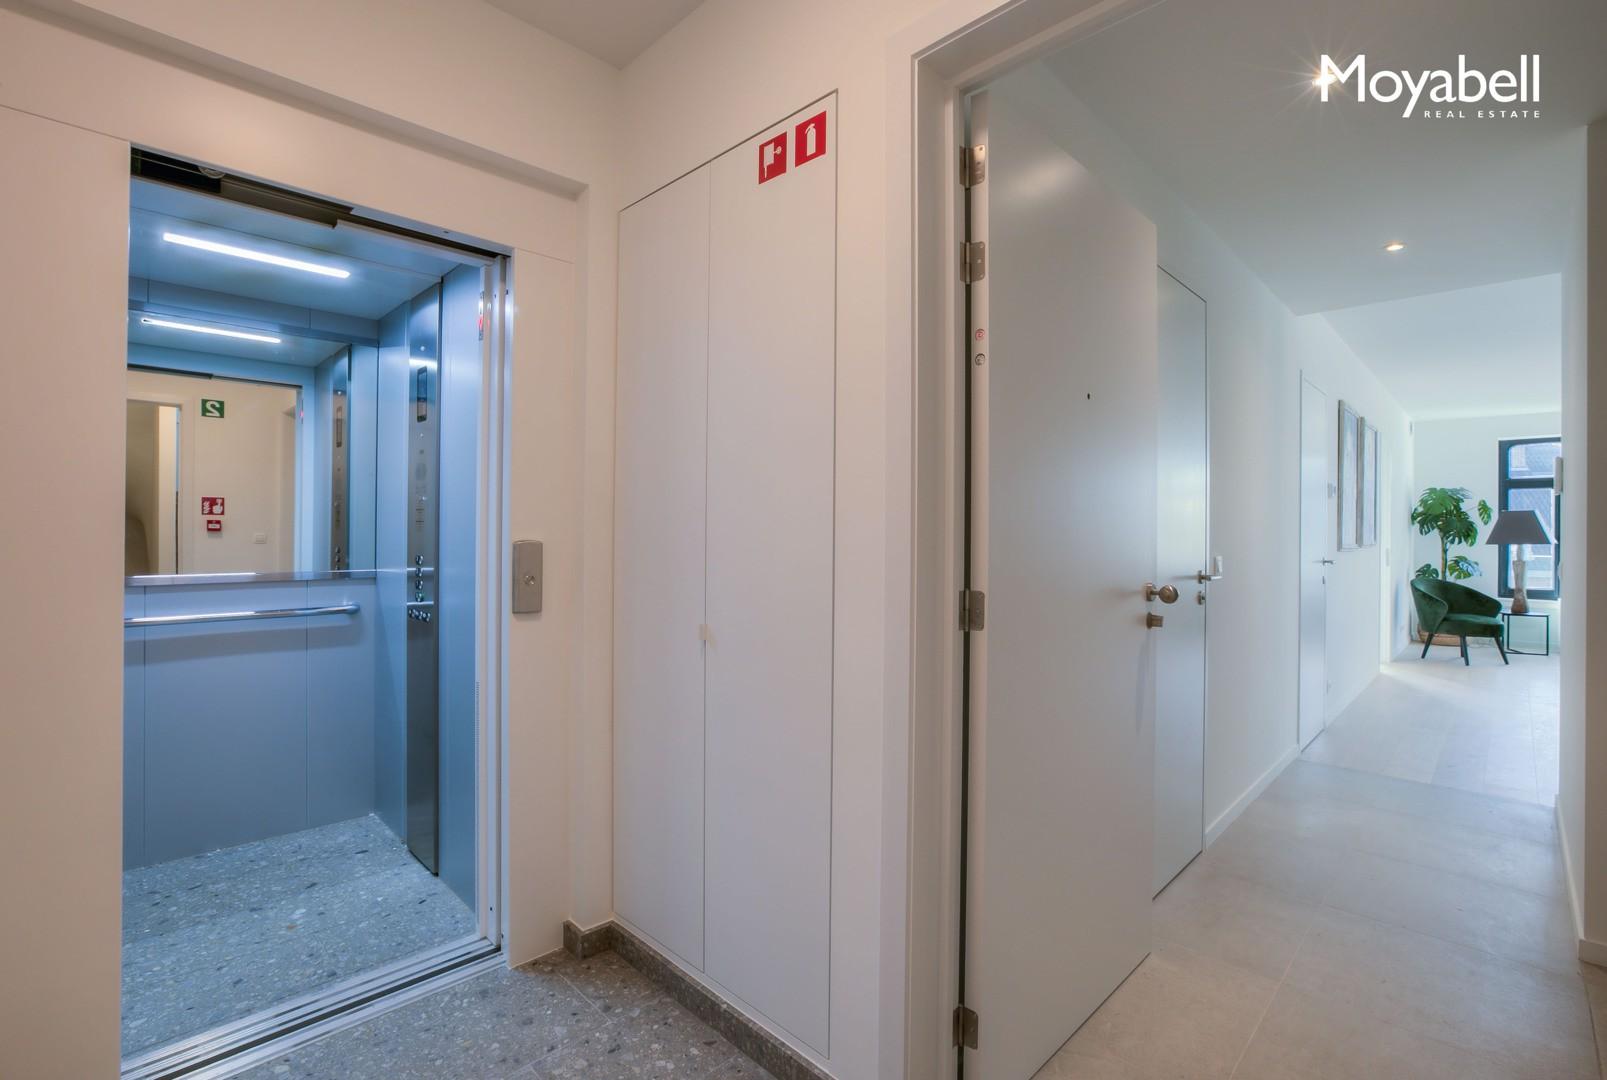 Exclusief nieuwbouw appartement in het historisch centrum van Gent